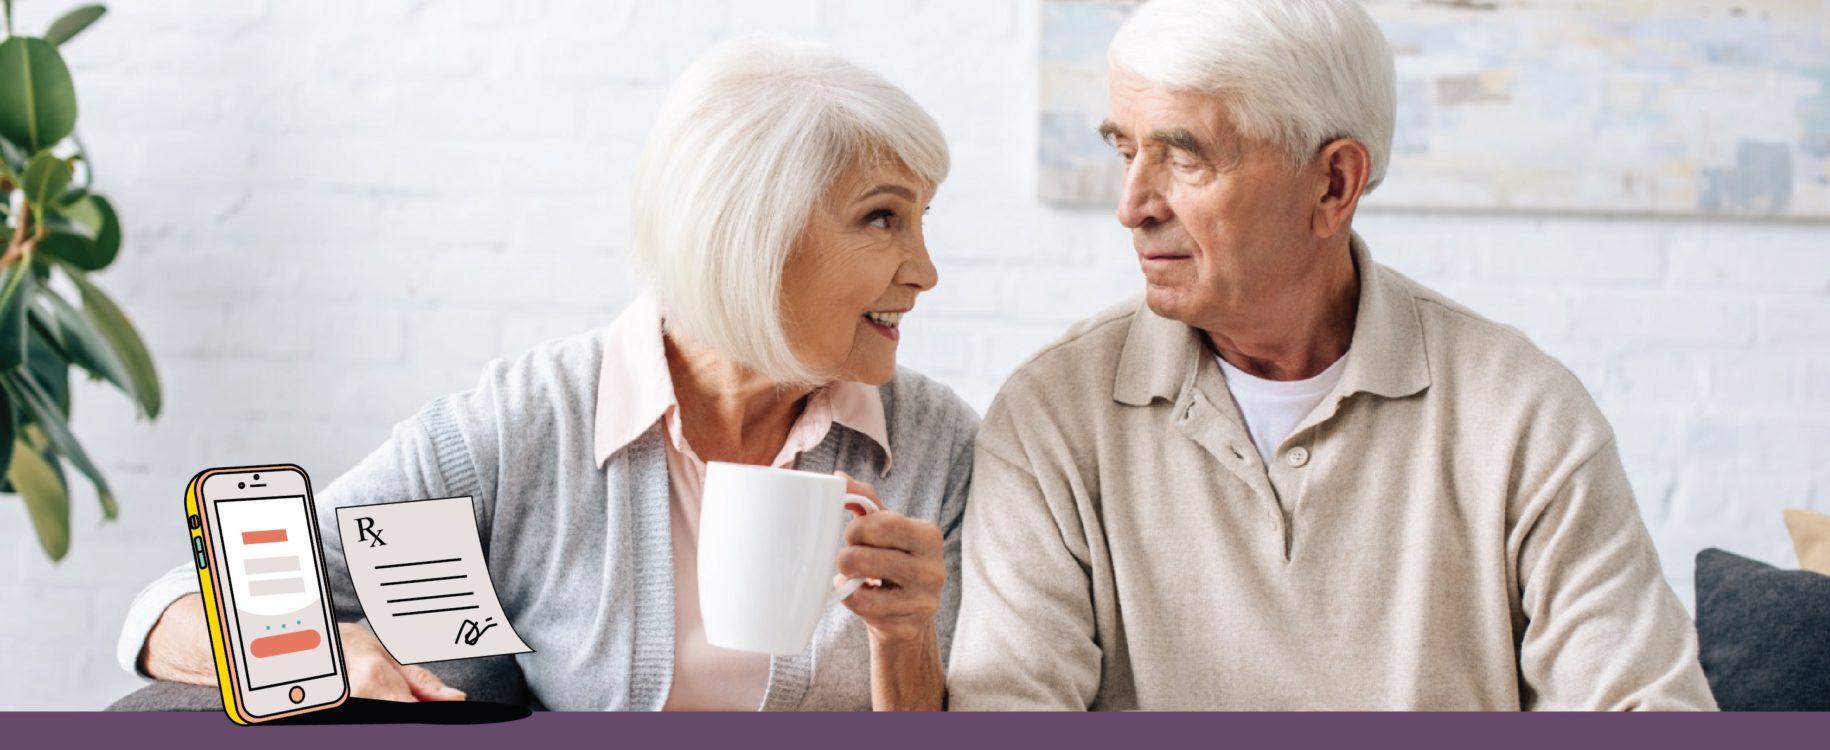 Comment la technologie peut aider les aînés à recevoir des soins de santé